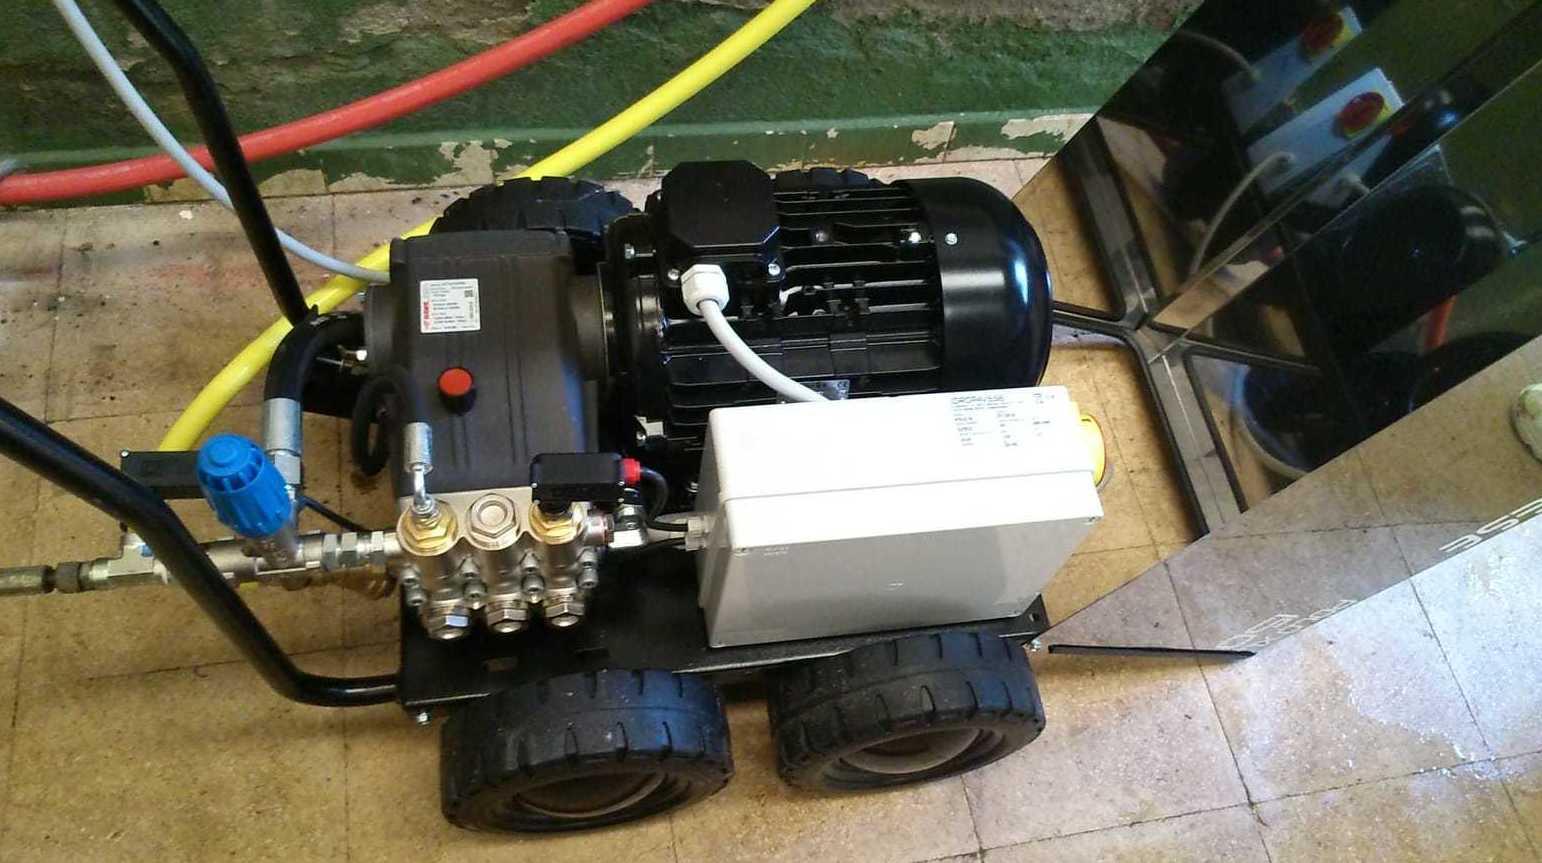 Foto 6 de Venta, reparación y alquiler de maquinara de limpieza en Salamanca | Tecnocleaner